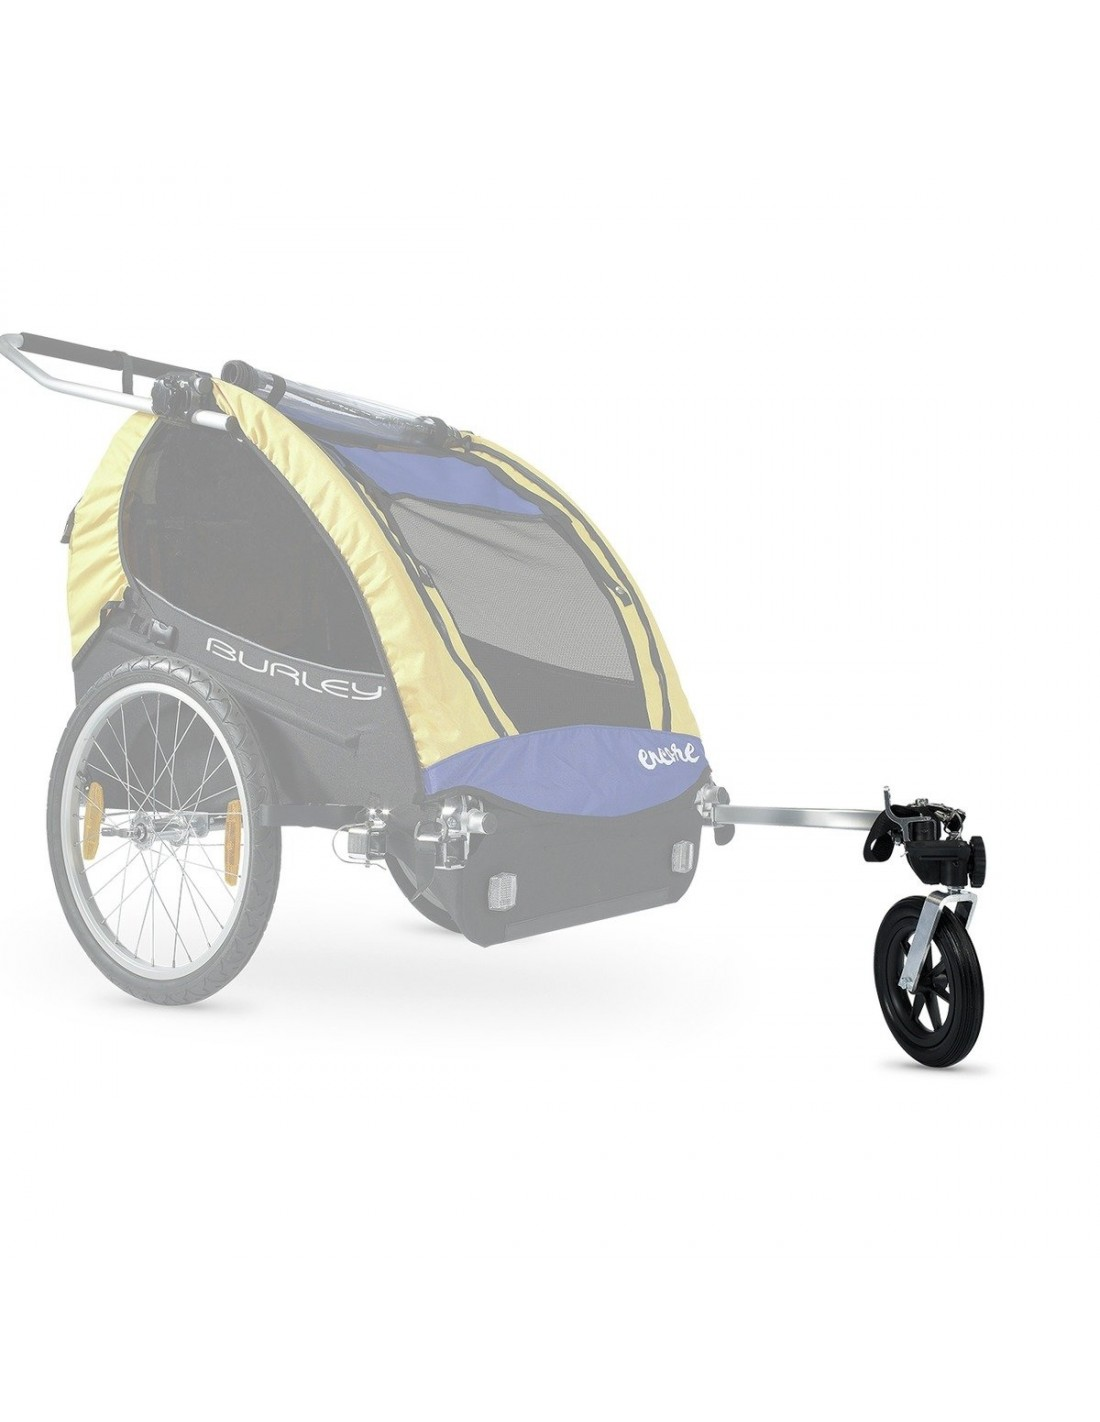 Deler & Tilbehør Burley Stroller Kit New 960047 799 kr